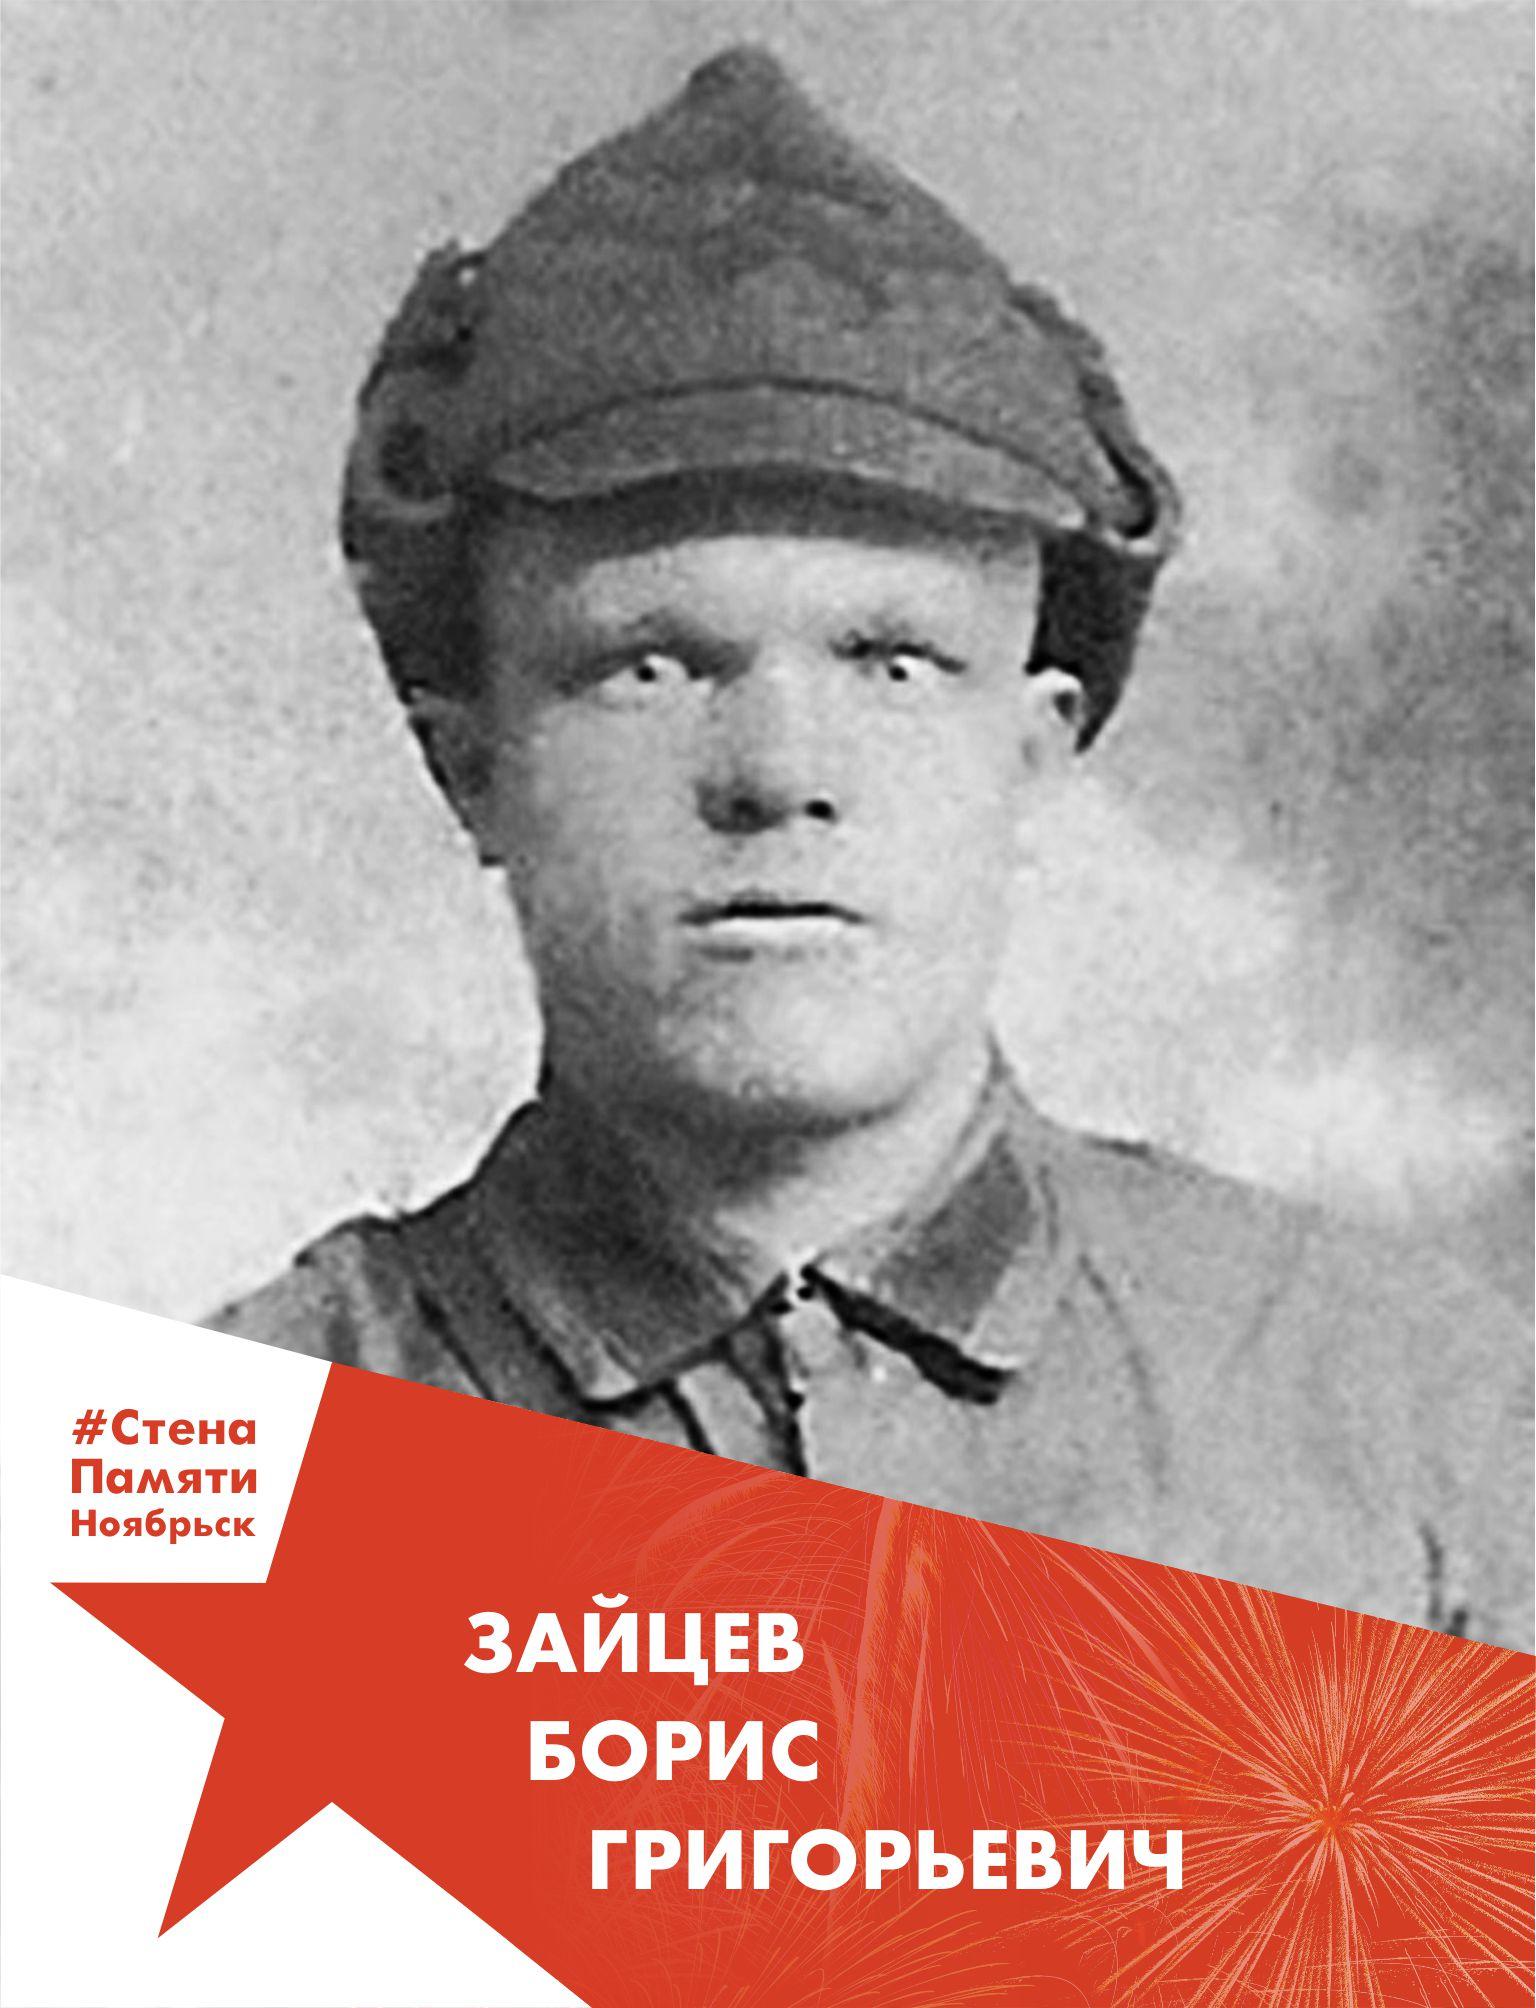 Зайцев Борис Григорьевич